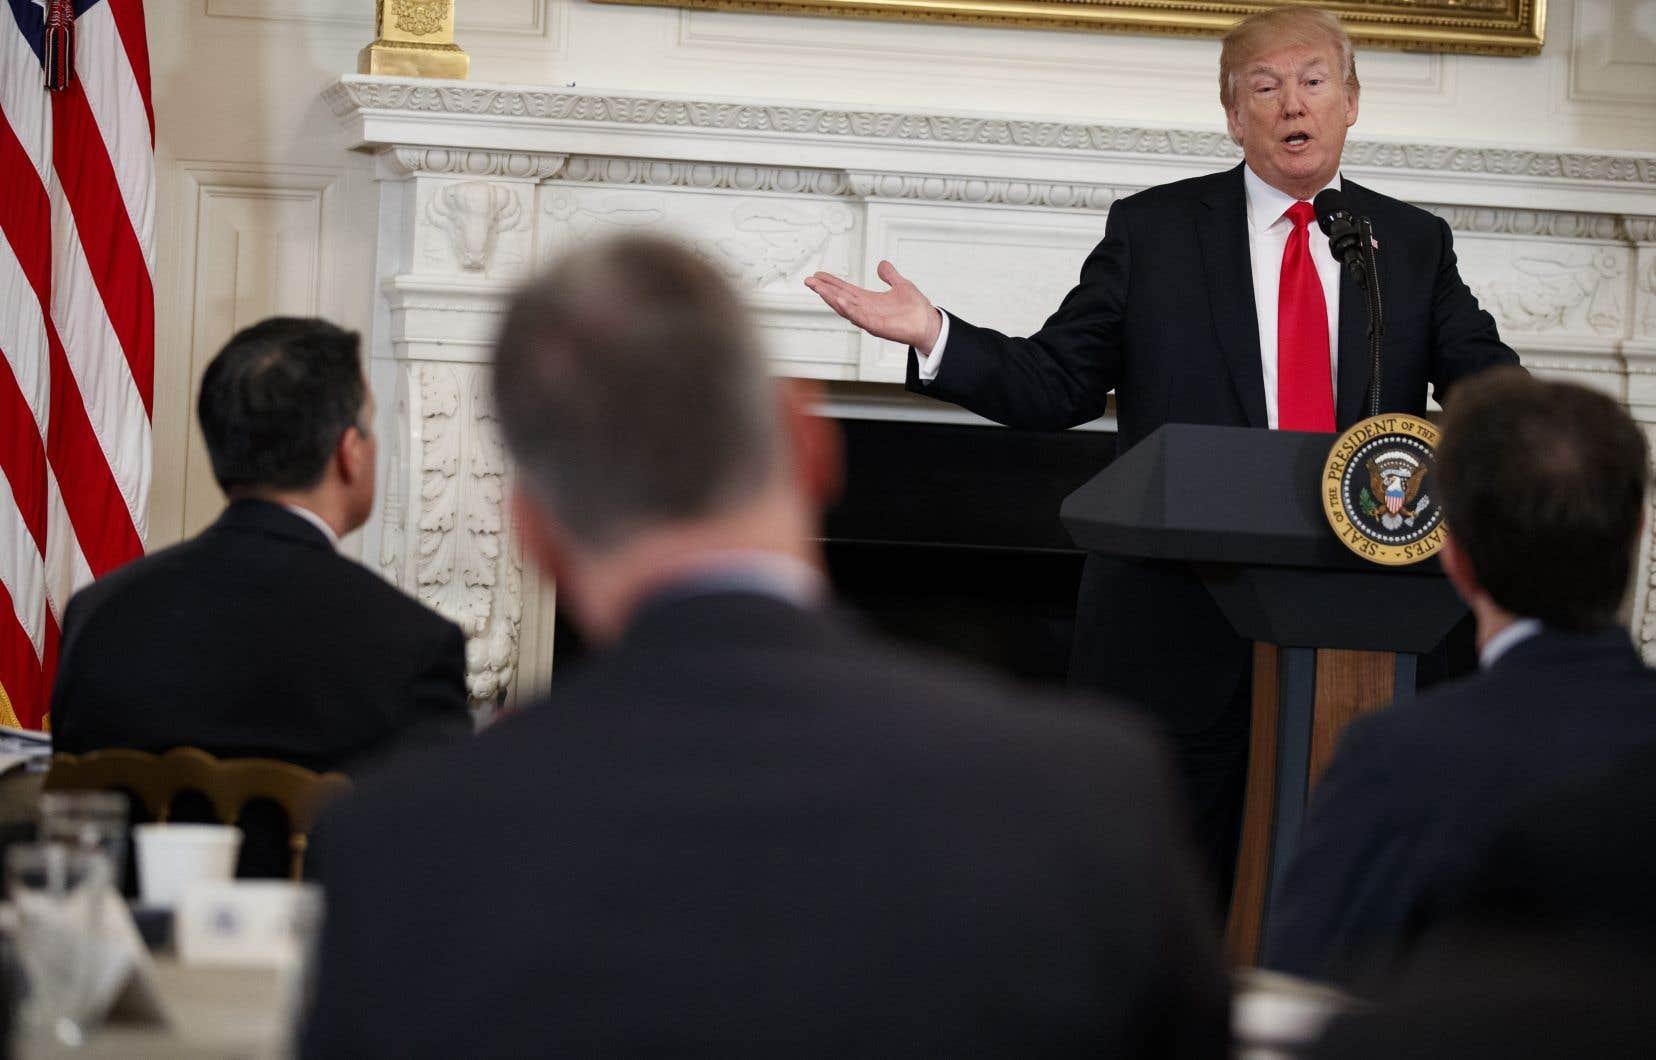 Le rapport annuel, publié la semaine dernière par la Maison-Blanche, réfute un certain nombre de déclarations et de politiques déjà évoquées par le président Donald Trump.